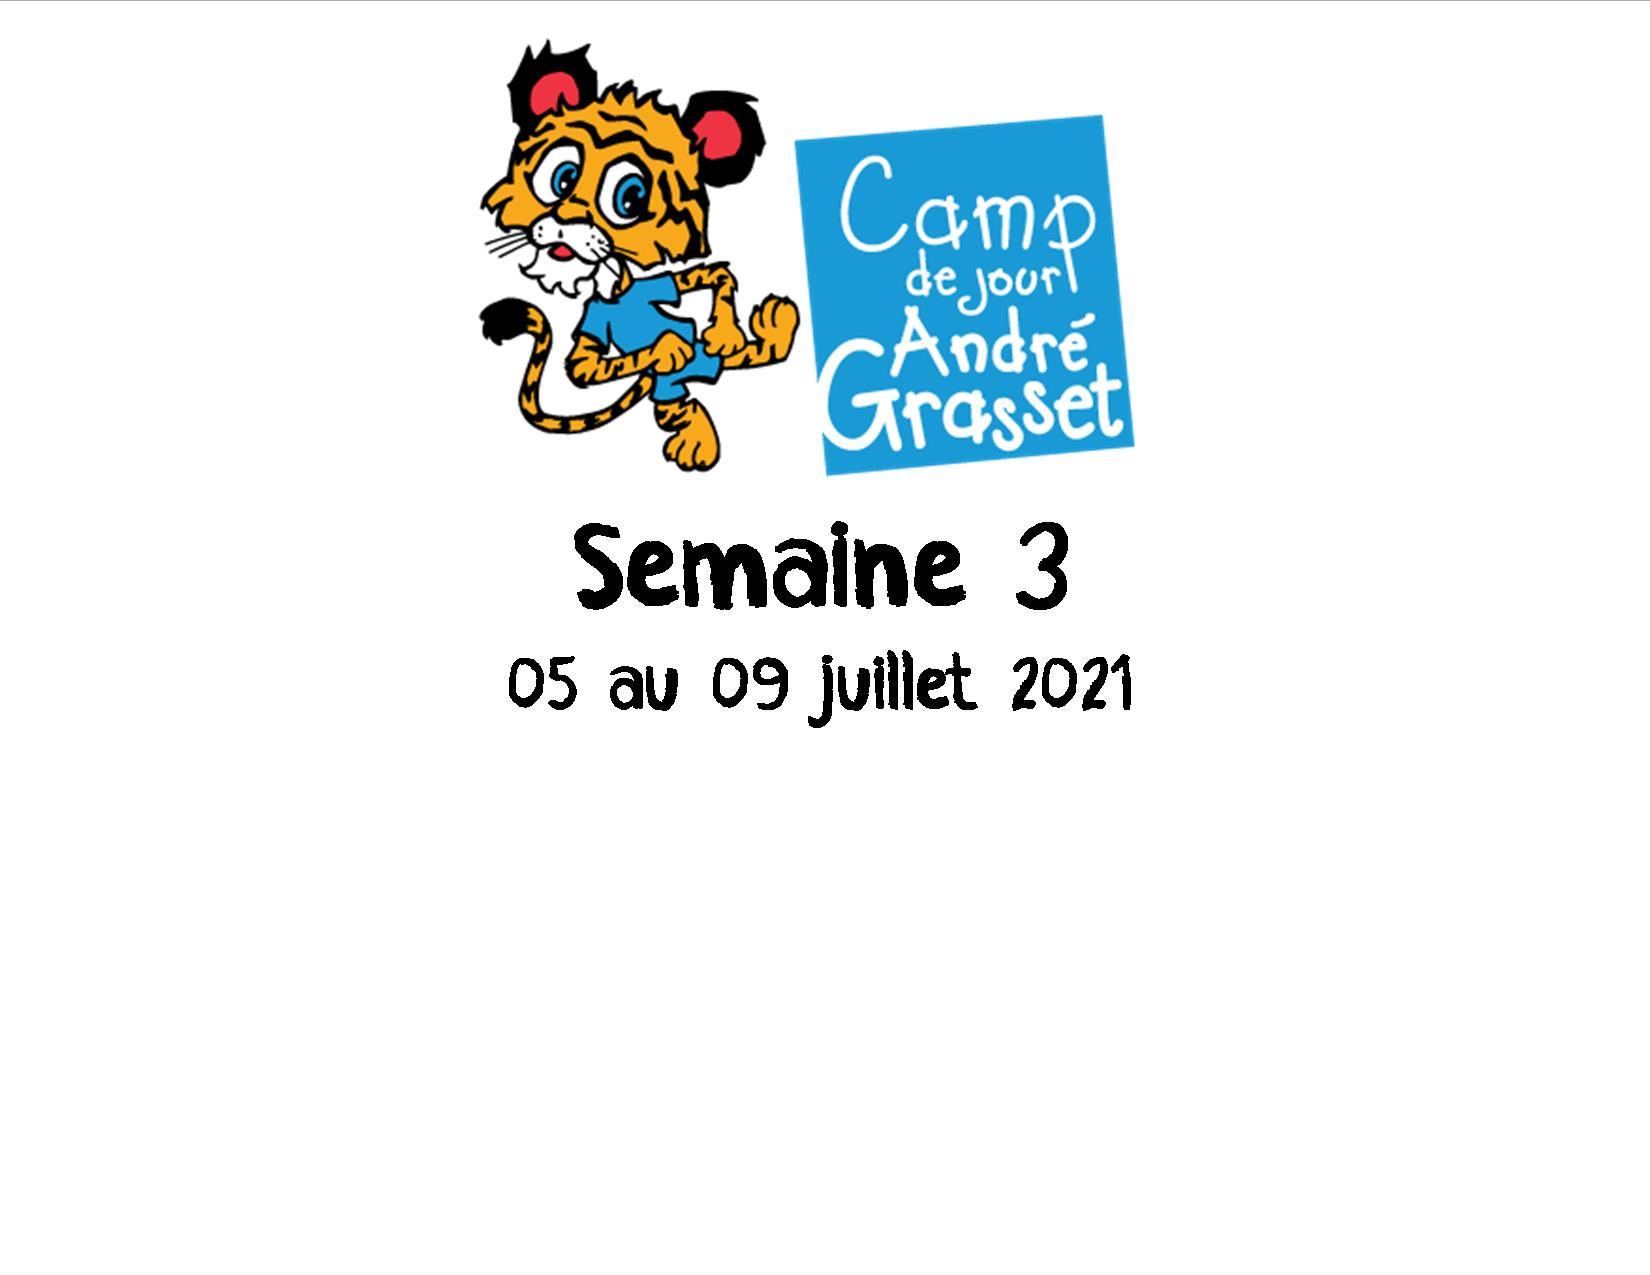 Semaine 3 (05 au 09 juillet 2021)